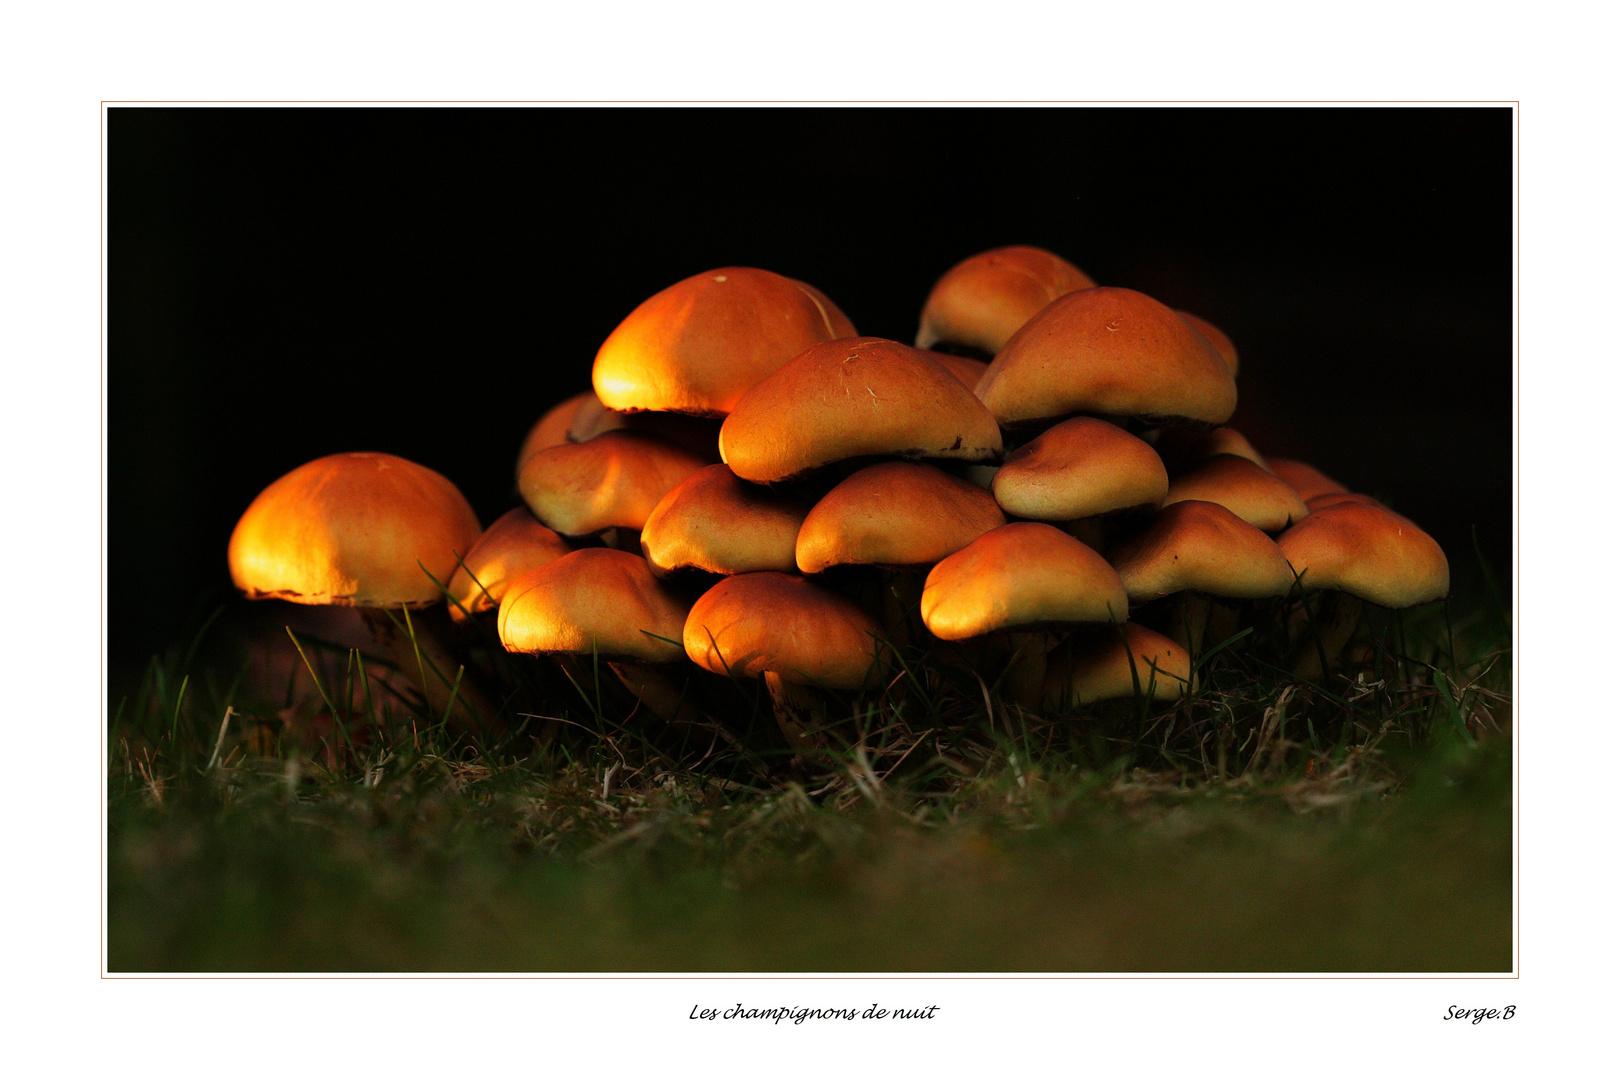 Les champignons de nuit